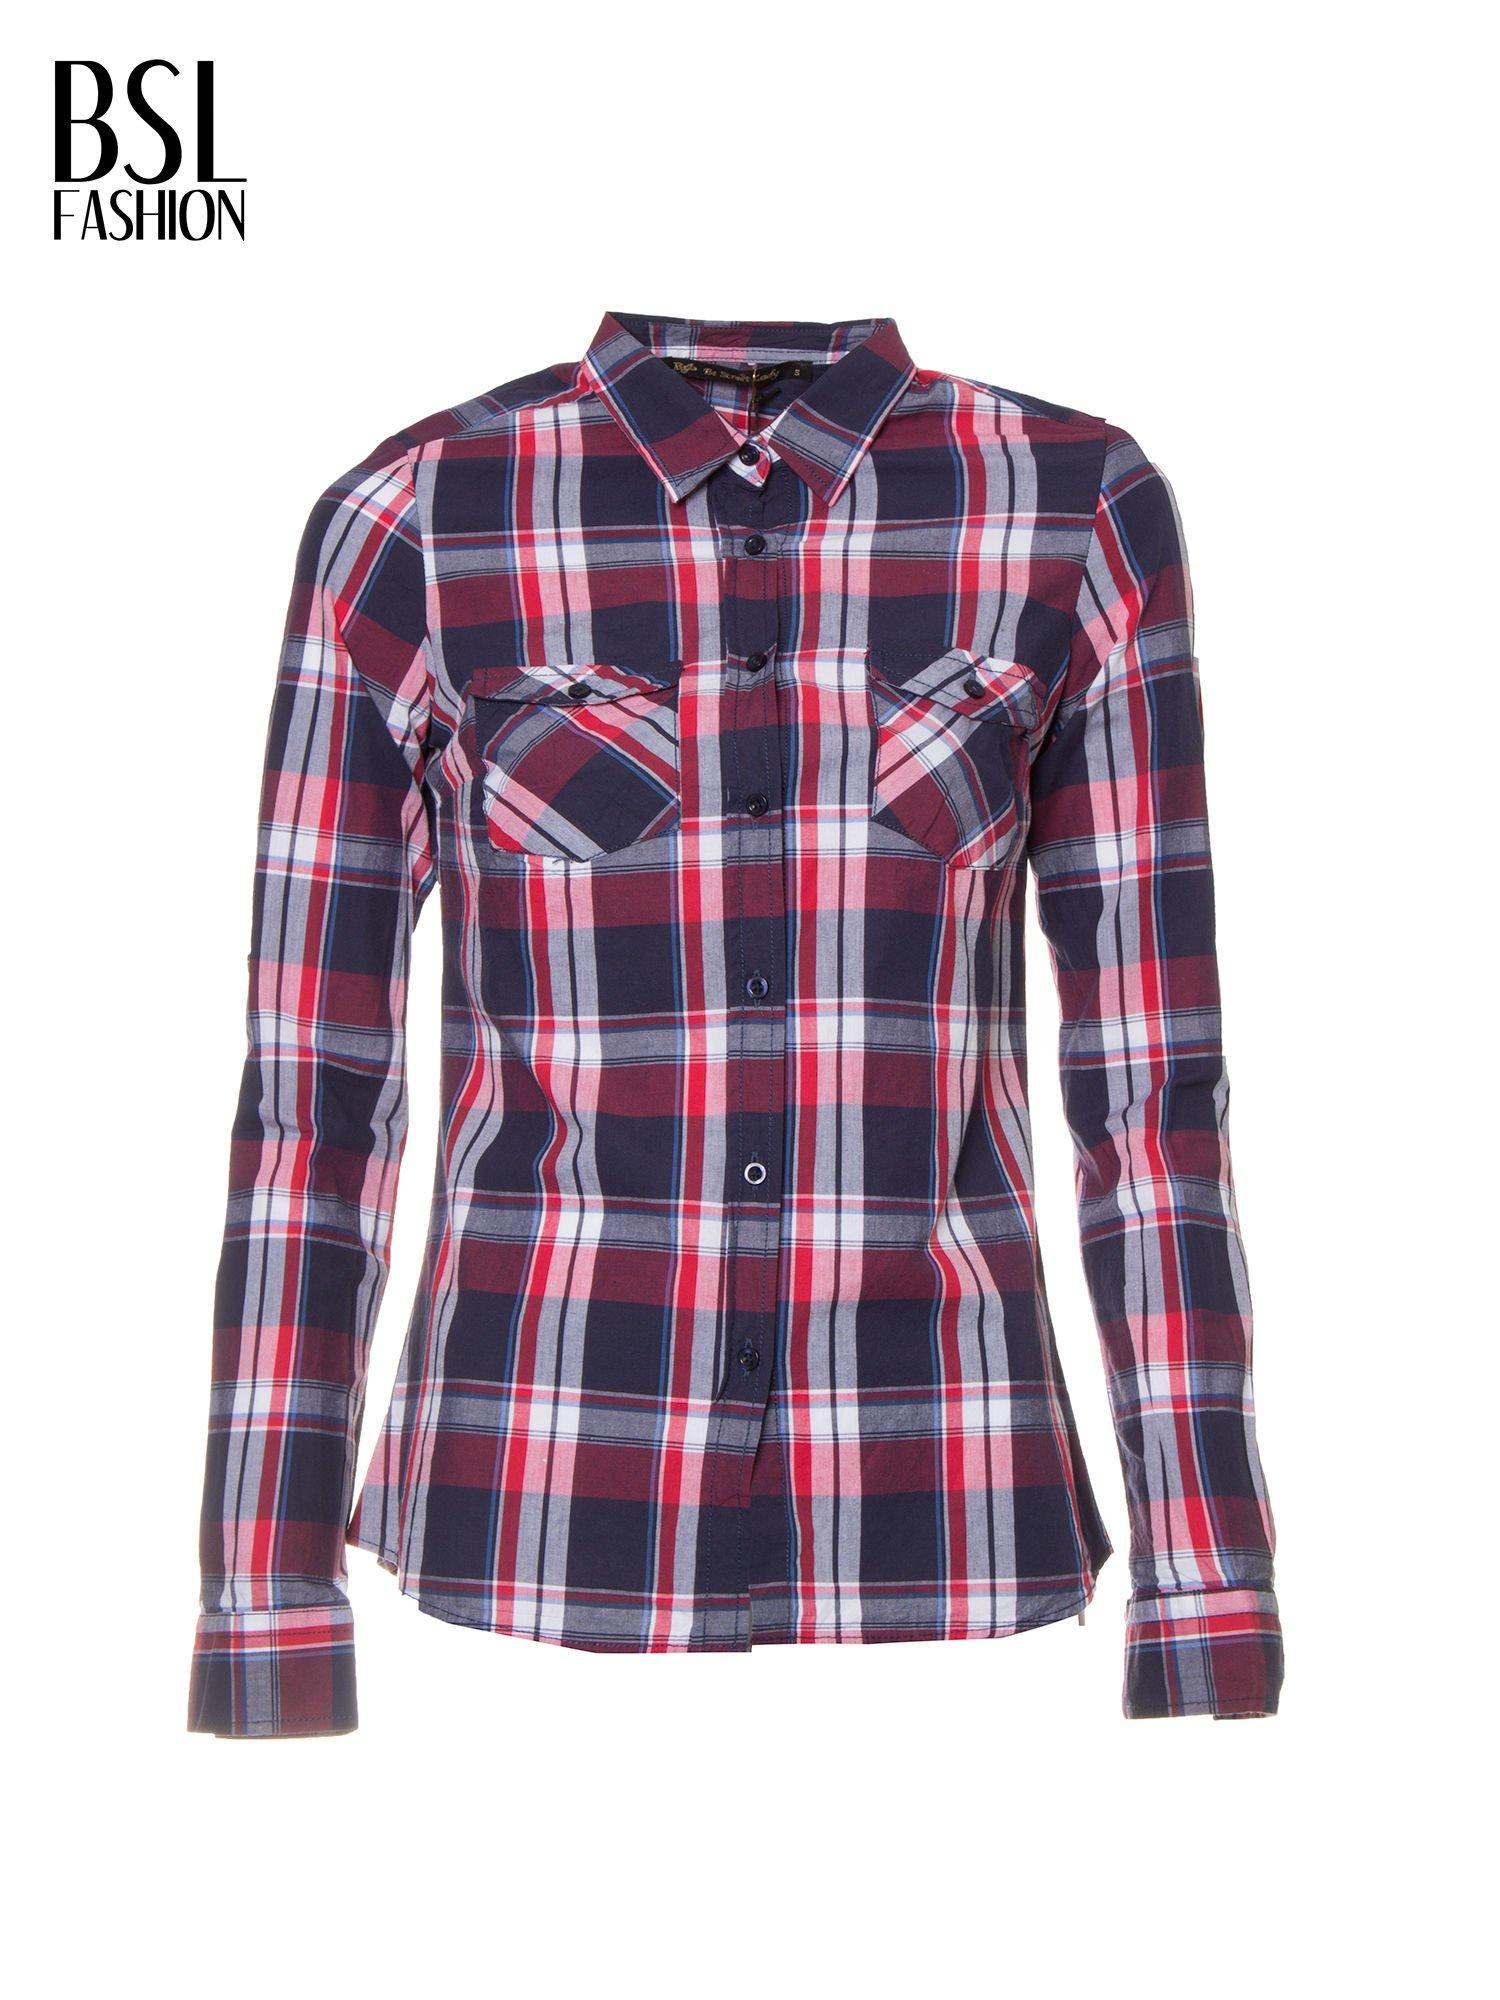 Czerwono-granatowa koszula w kratę z kieszeniami                                  zdj.                                  2